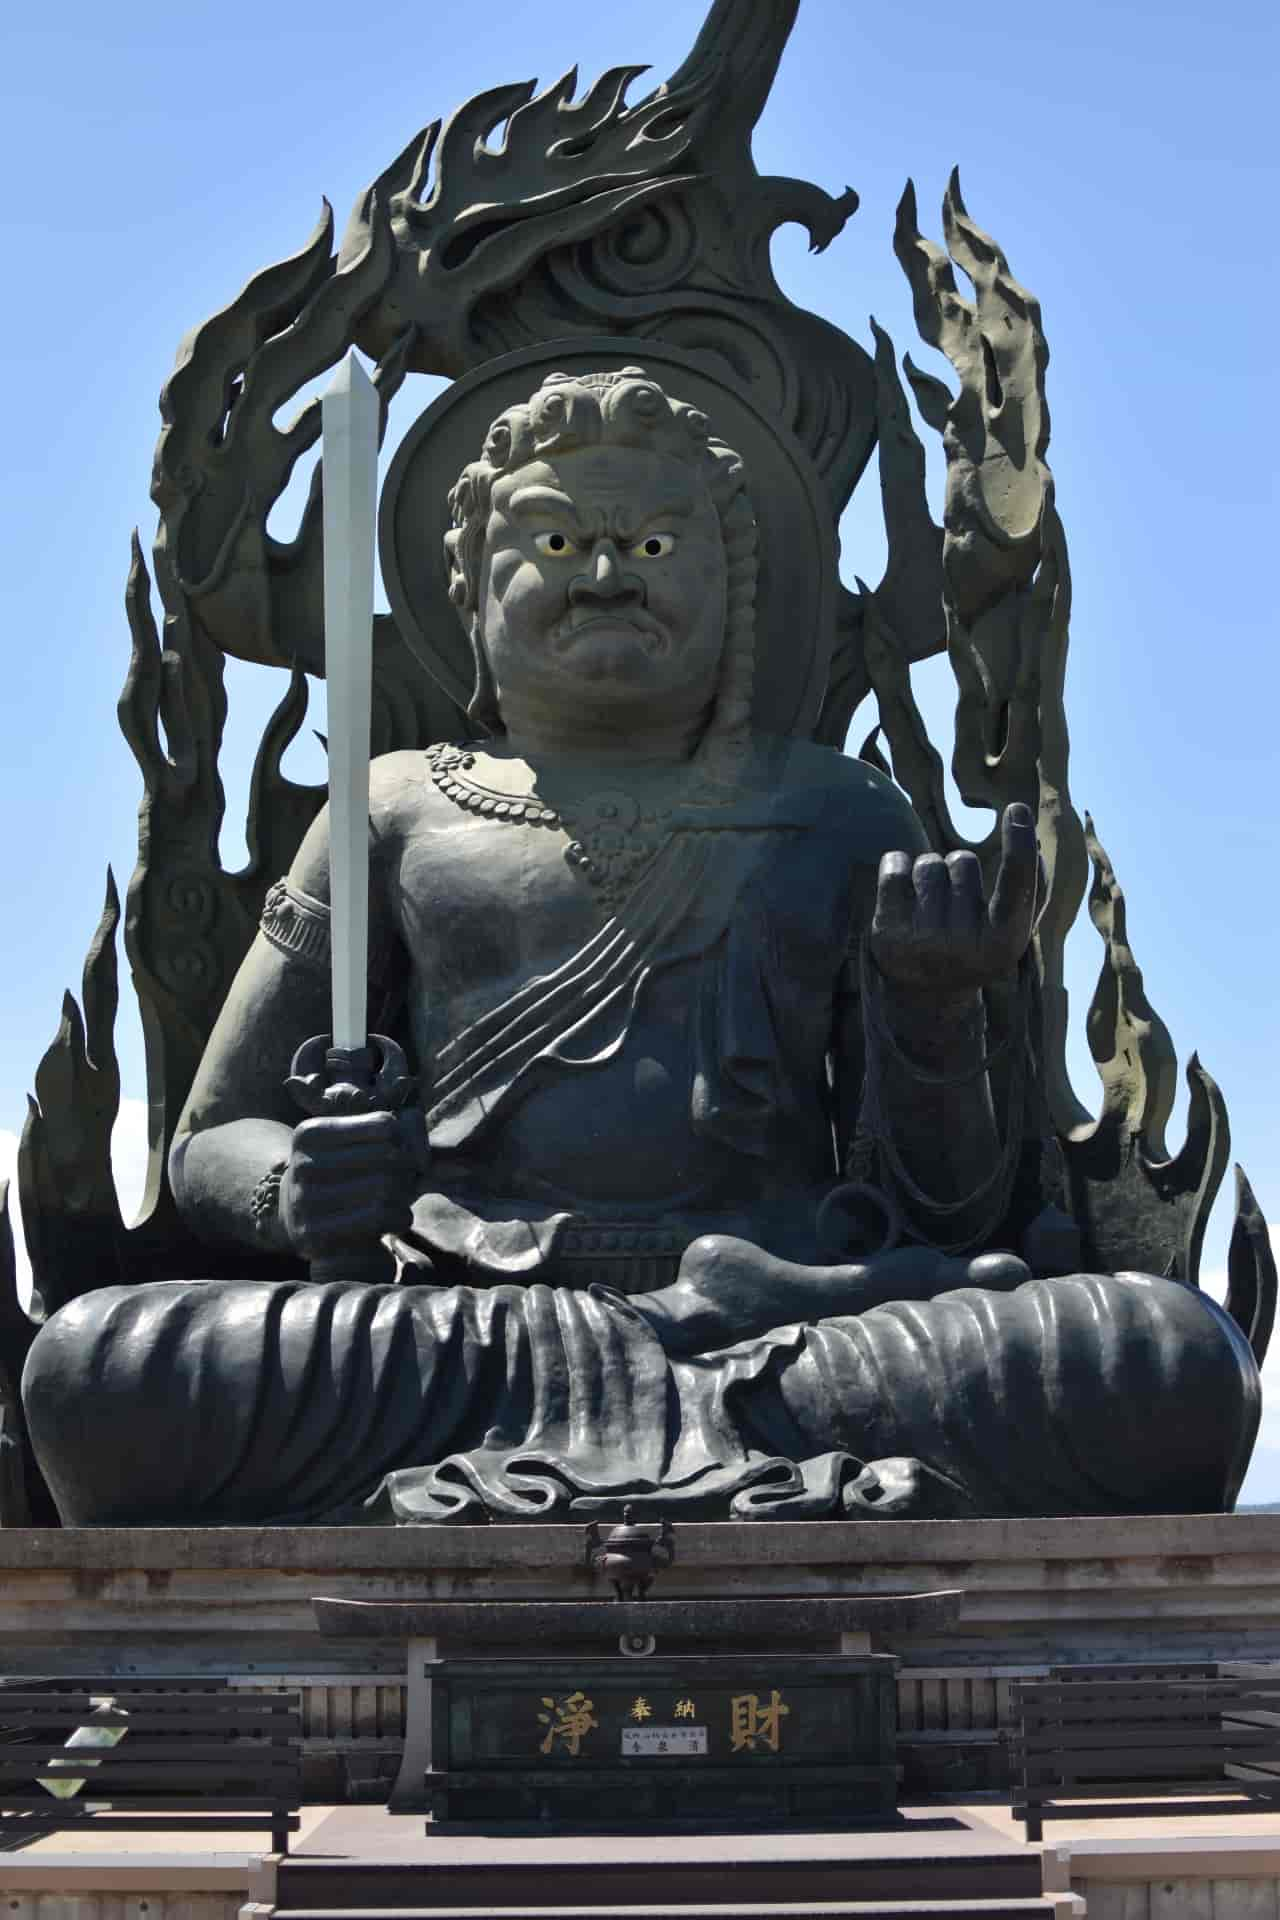 千葉県成田市にある成田山新勝寺の御本尊は不動明王